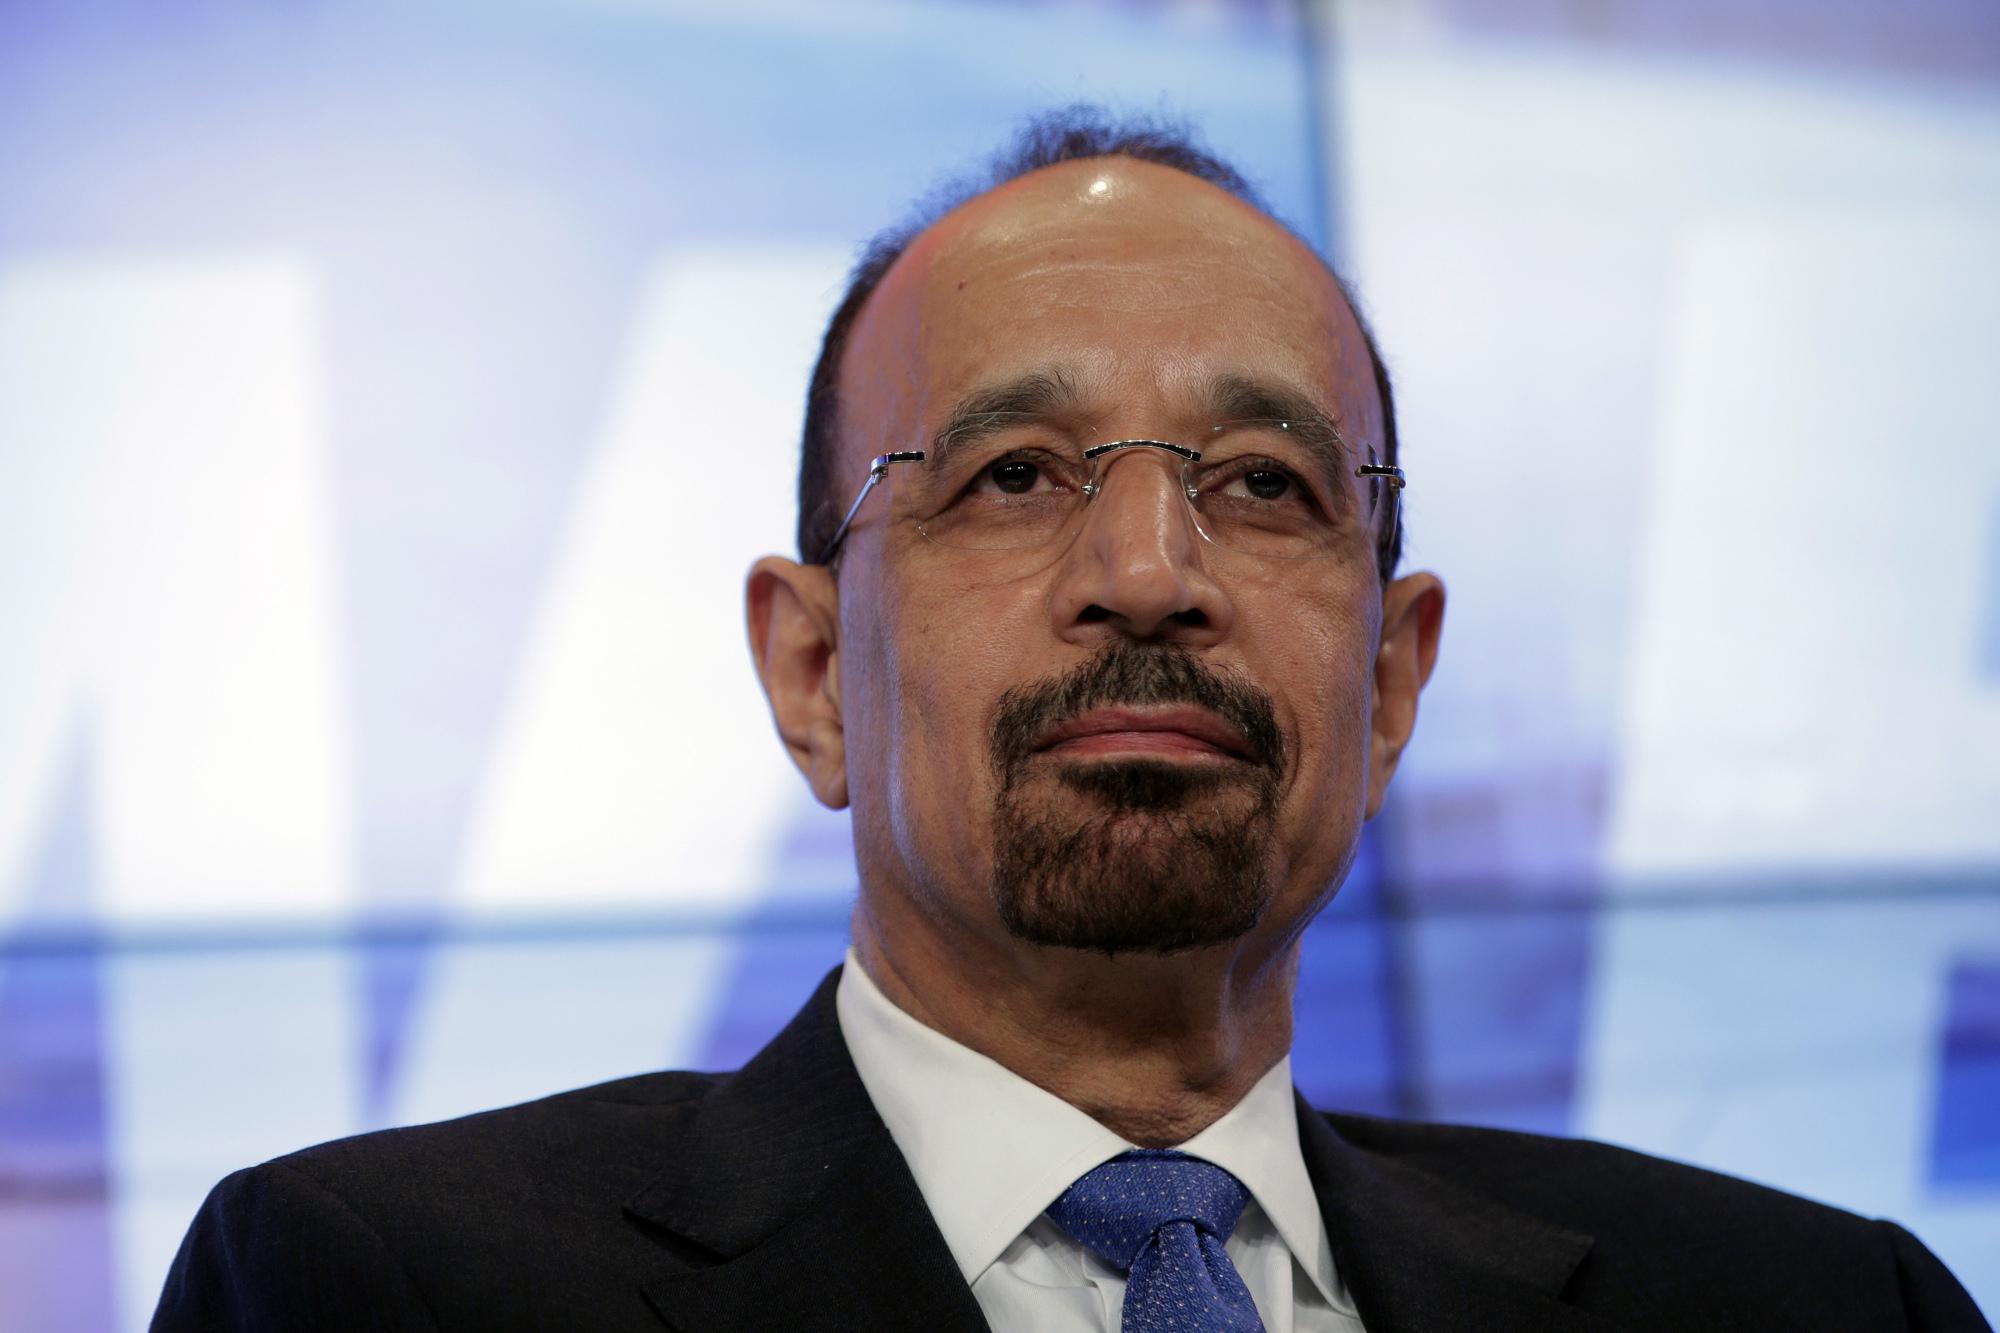 Accordo storico Russia-Arabia per stabilizzare prezzi petrolio